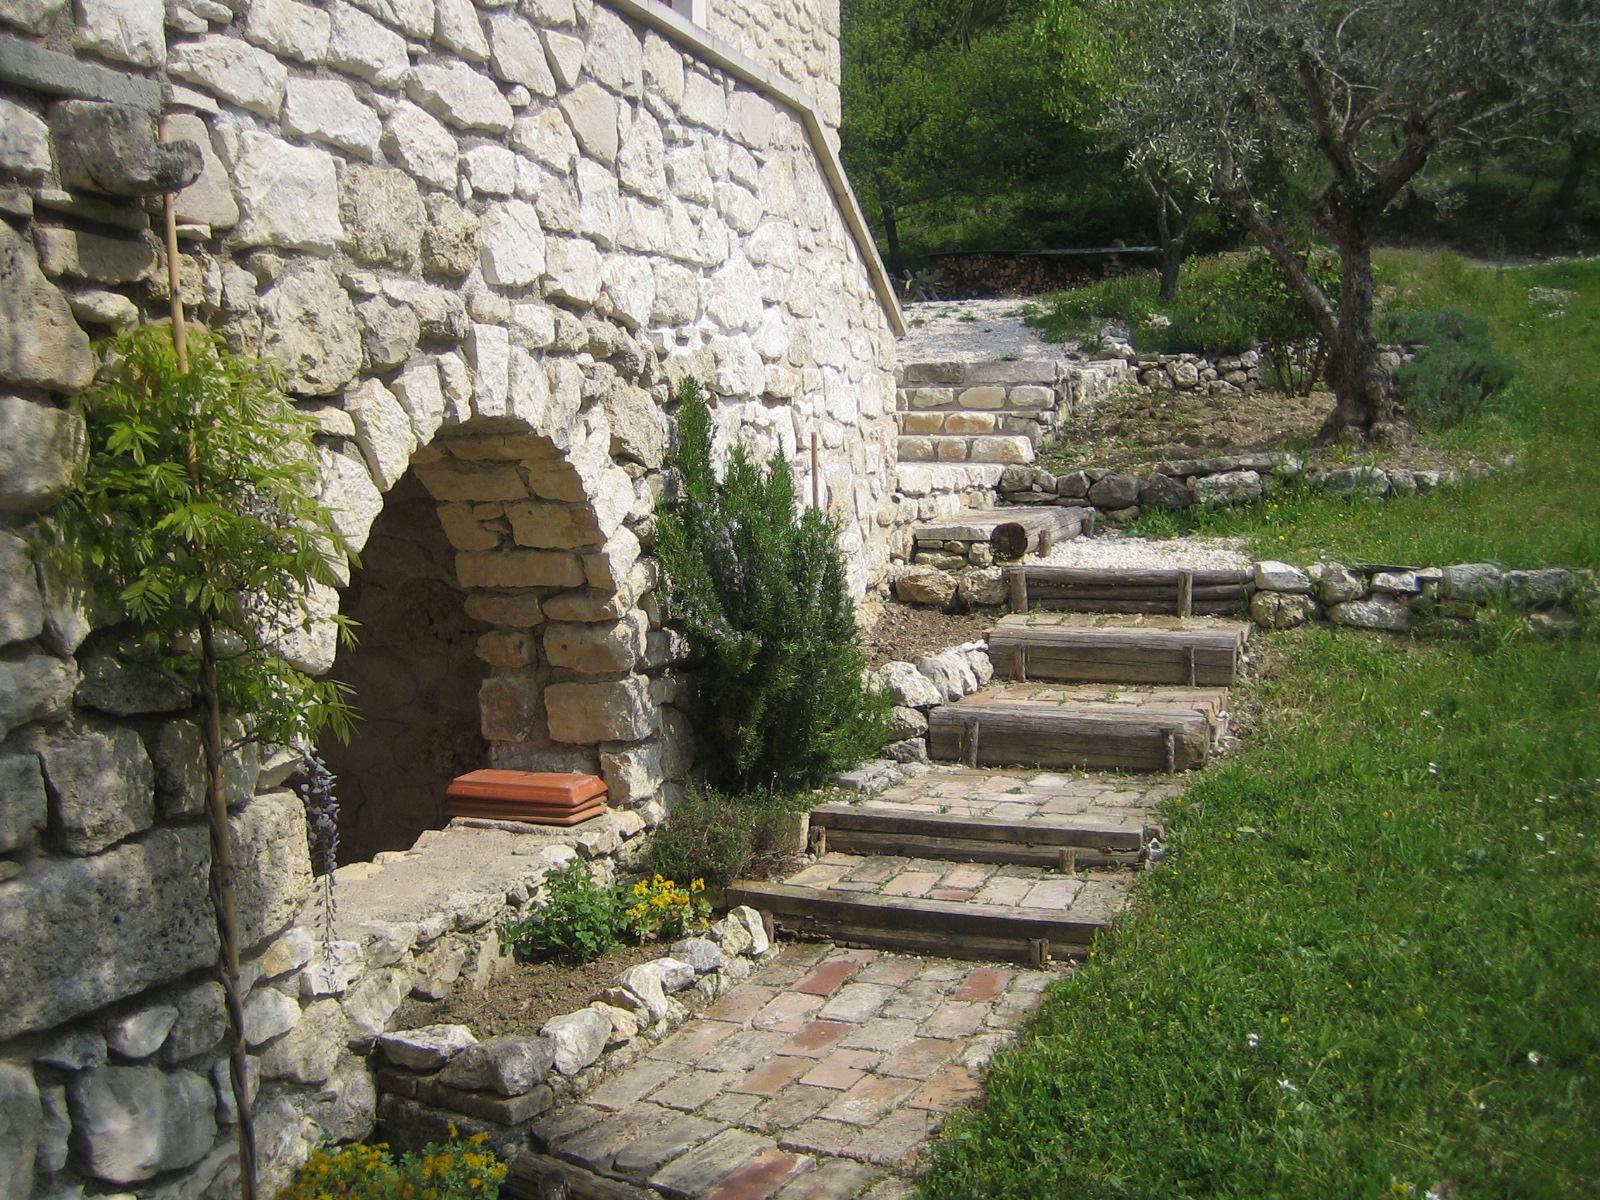 Casa di campagna Casa di campagna in vendita Abbateggio (PE), Casa Selva - Abbateggio - EUR 510.204 200